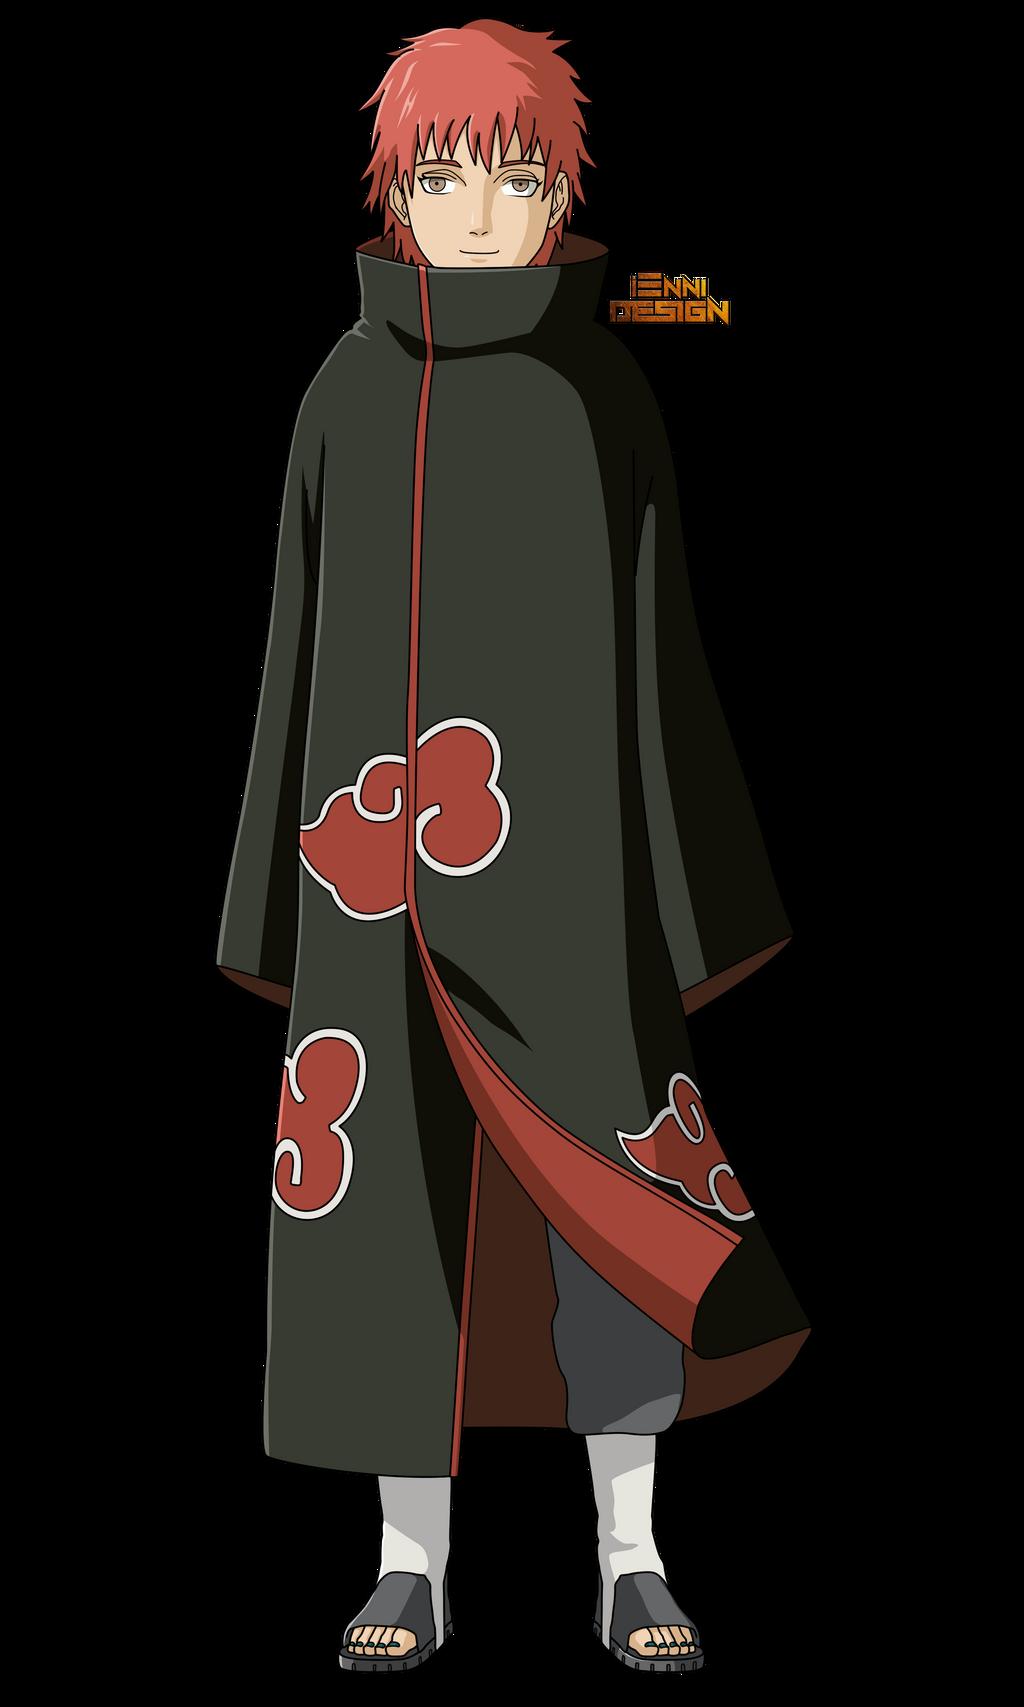 Naruto Shippuden|Sasori (Akatsuki) by iEnniDESIGN on ...